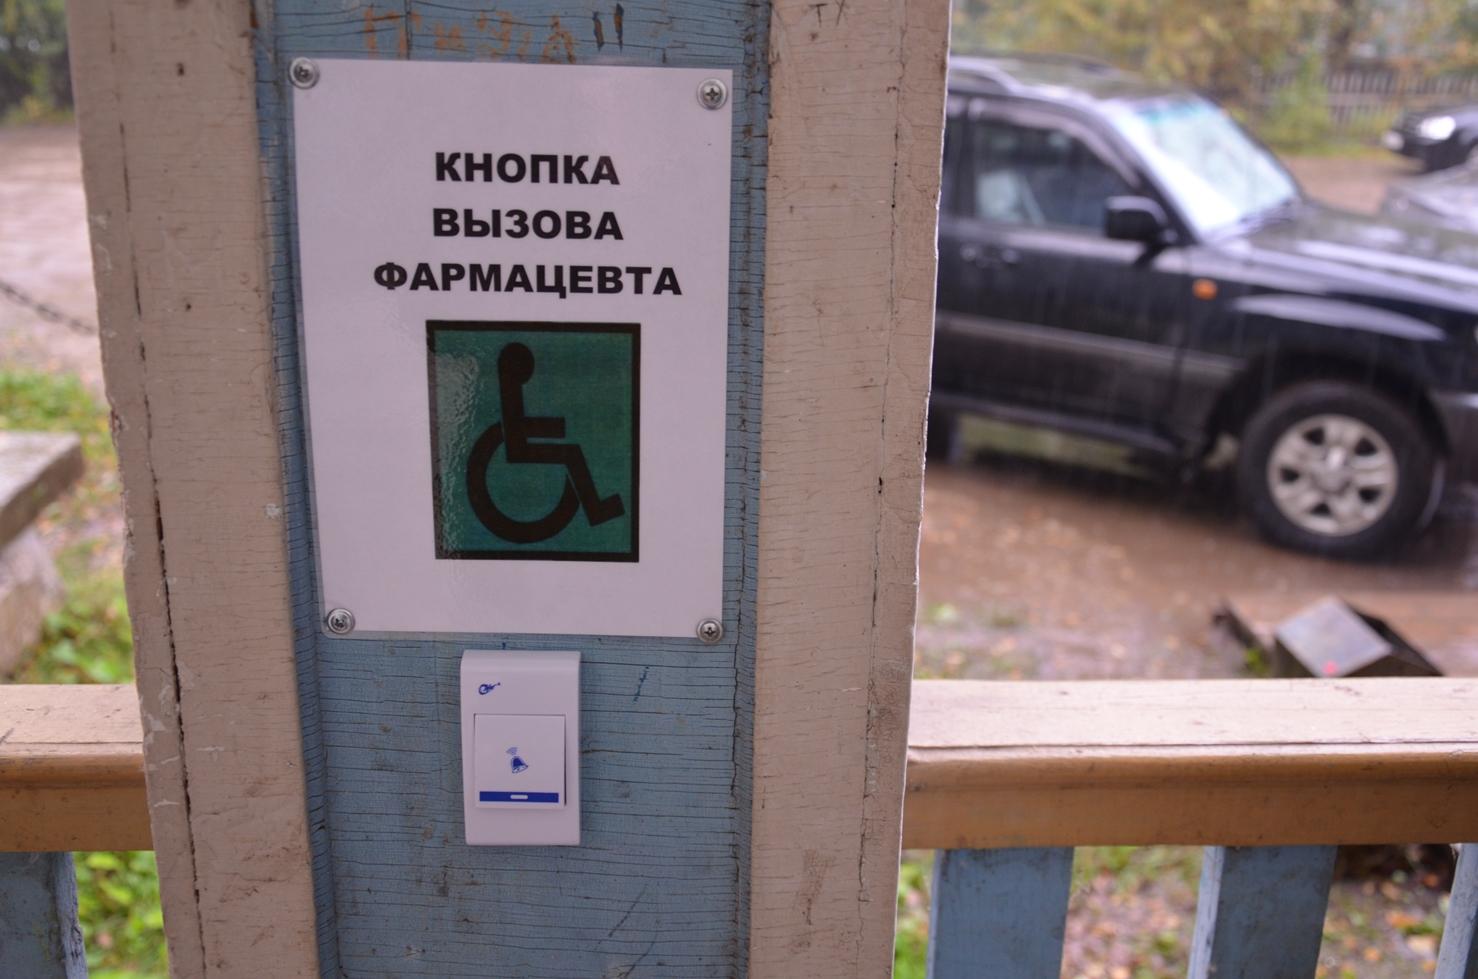 Гбуз городская клиническая больница 71 дз г москвы